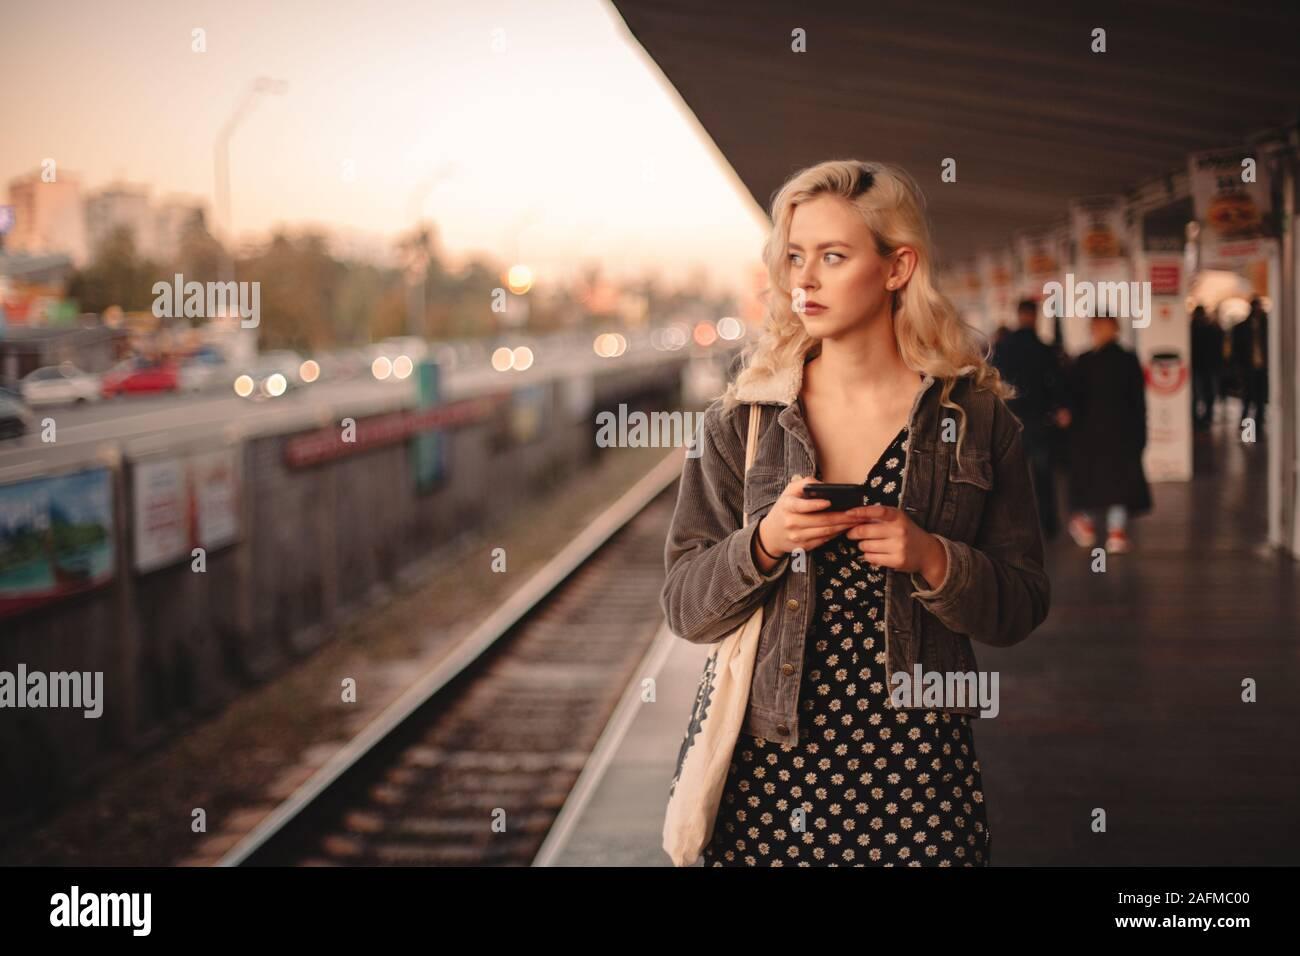 Junge nachdenkliche Frau mit Smart Phone beim Warten auf die Bahn Stockfoto